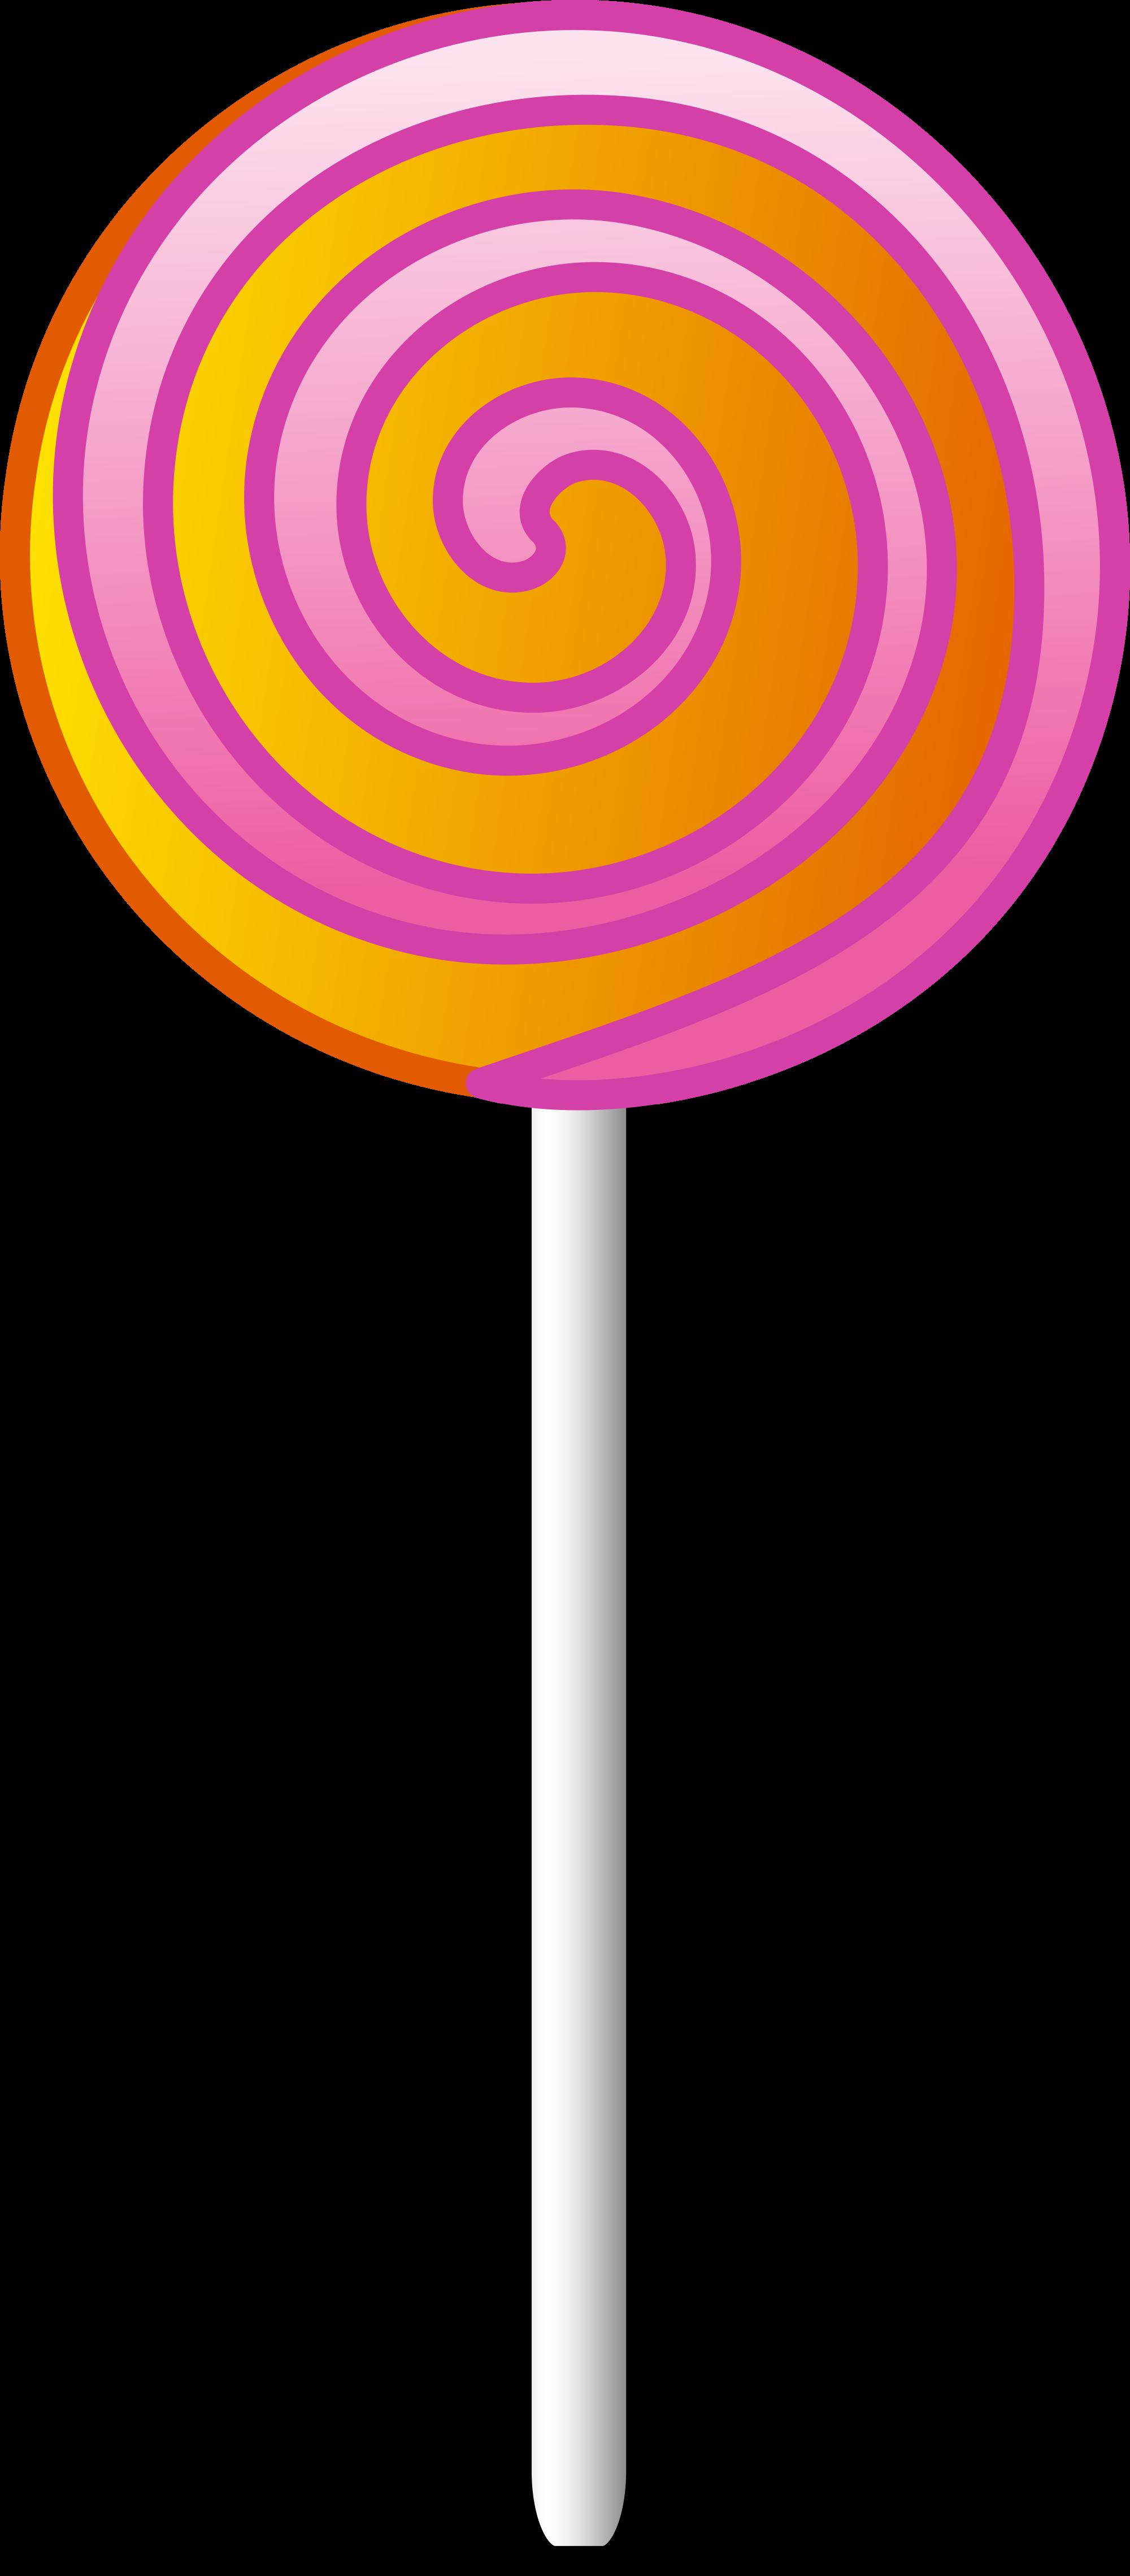 ... Lollipop Clip Art - clipartall ...